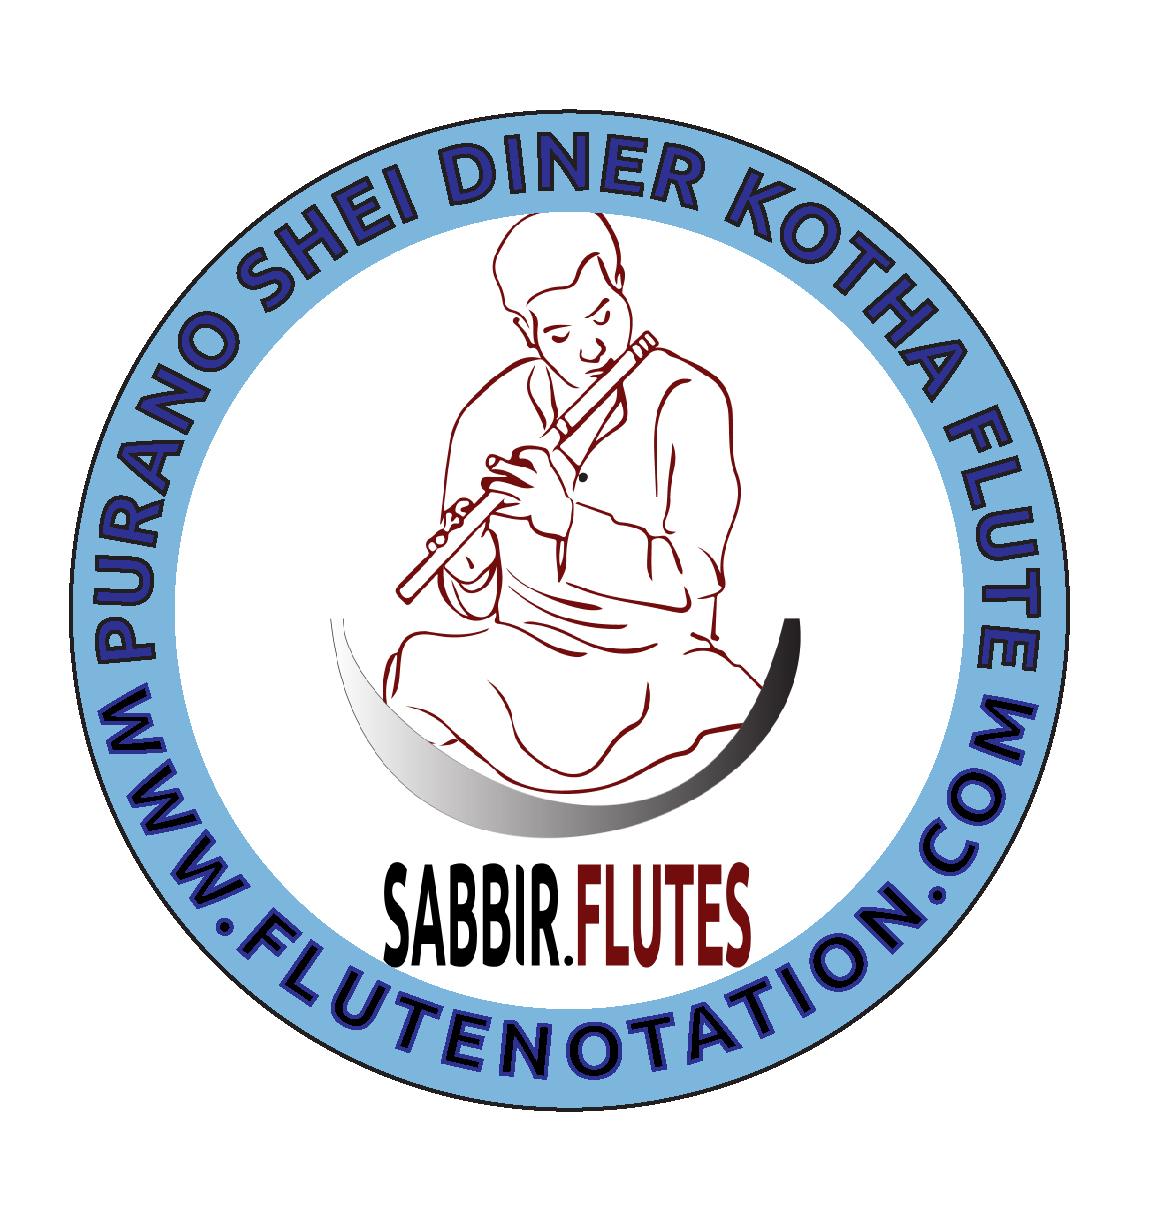 Purano shei diner kotha Flute notes - Flute Notation | Sargam